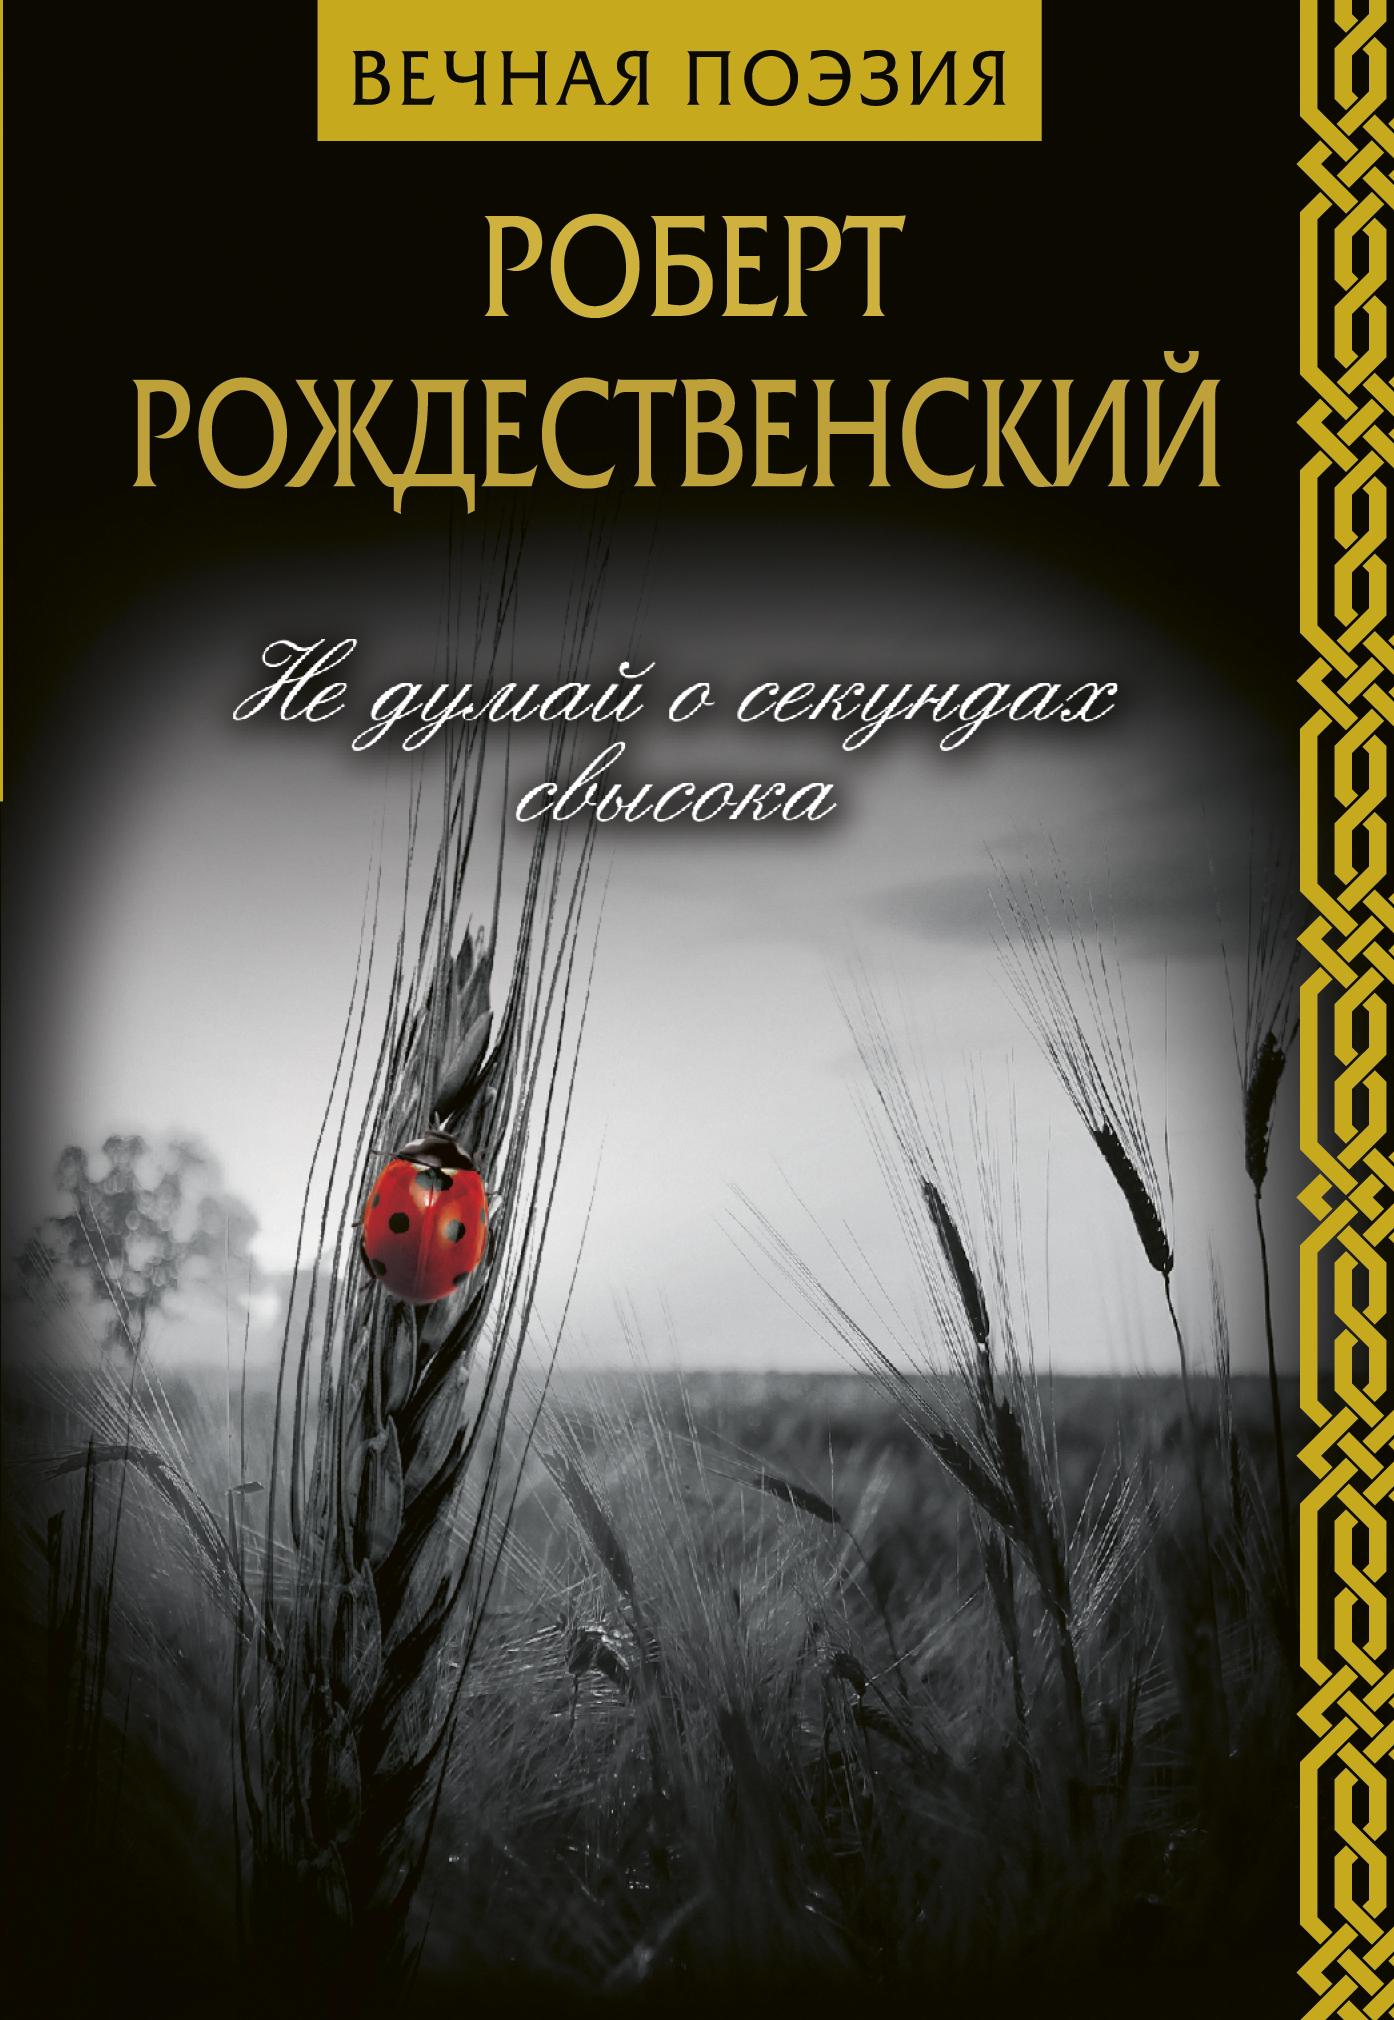 Роберт Рождественский Не думай о секундах свысока роберт рождественский сын веры новая книга стихов